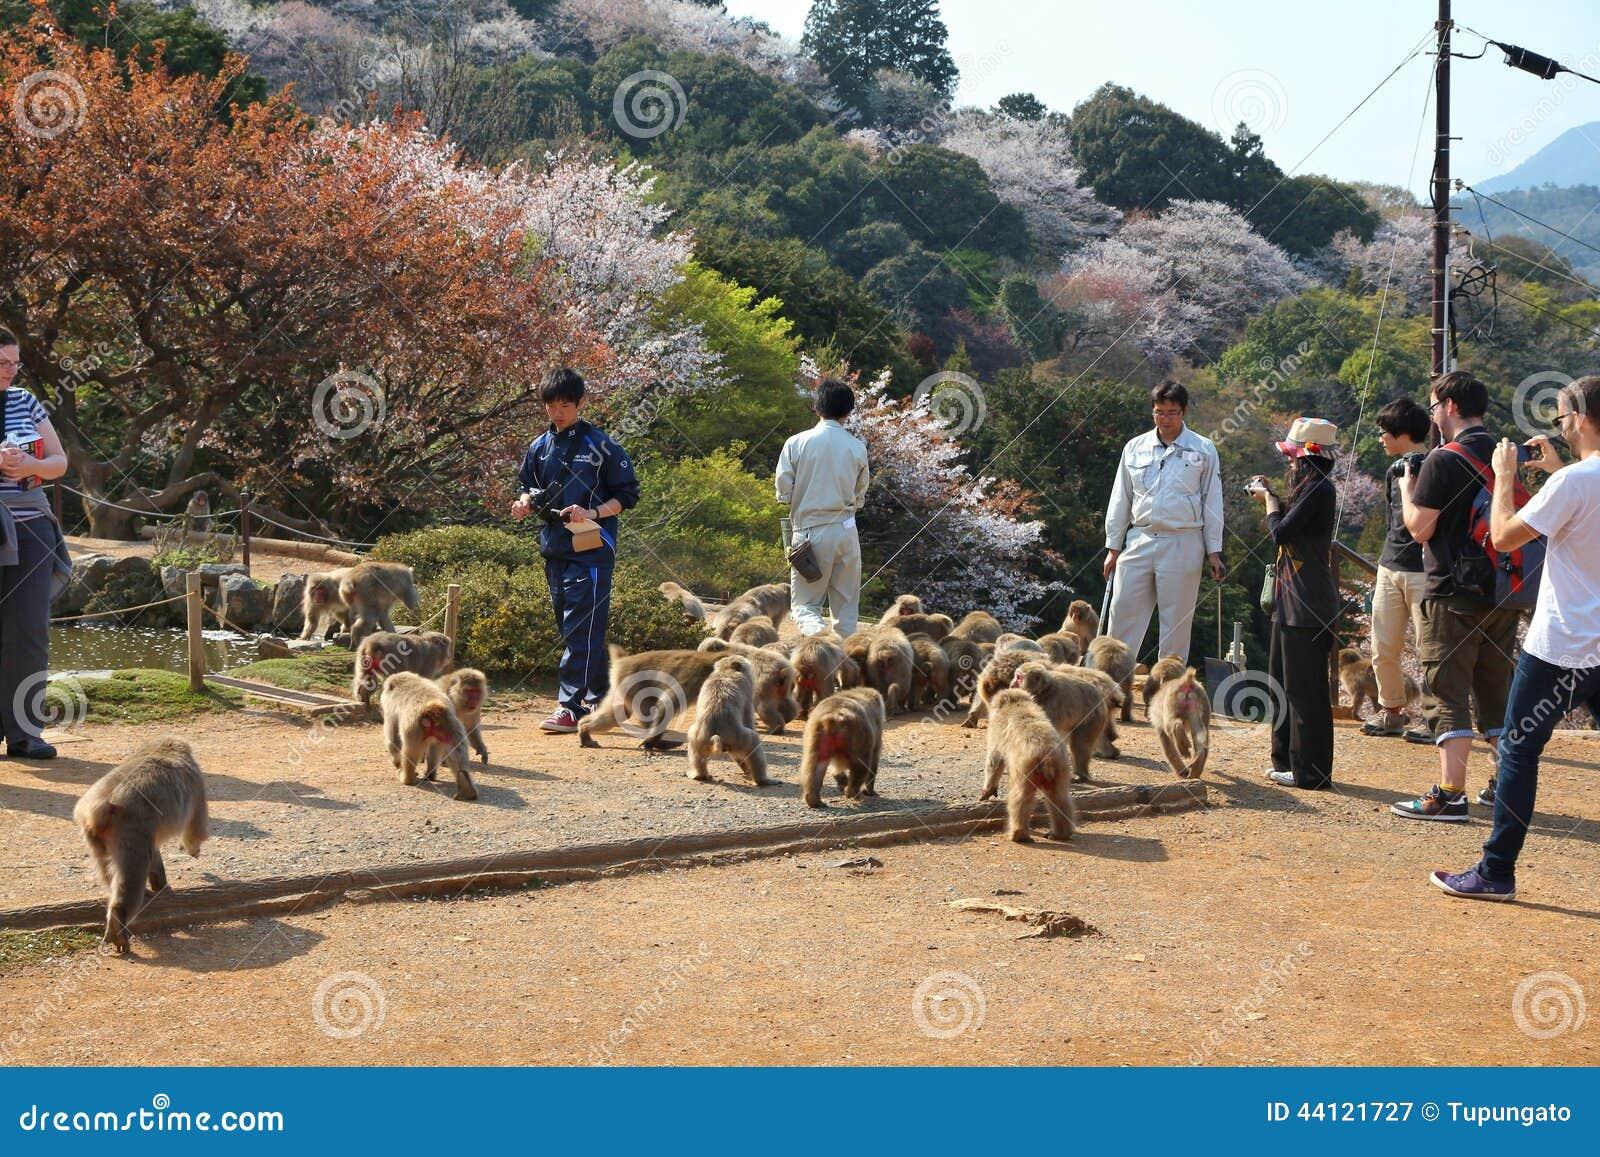 Iwatayama Monkey Park Editorial Photography